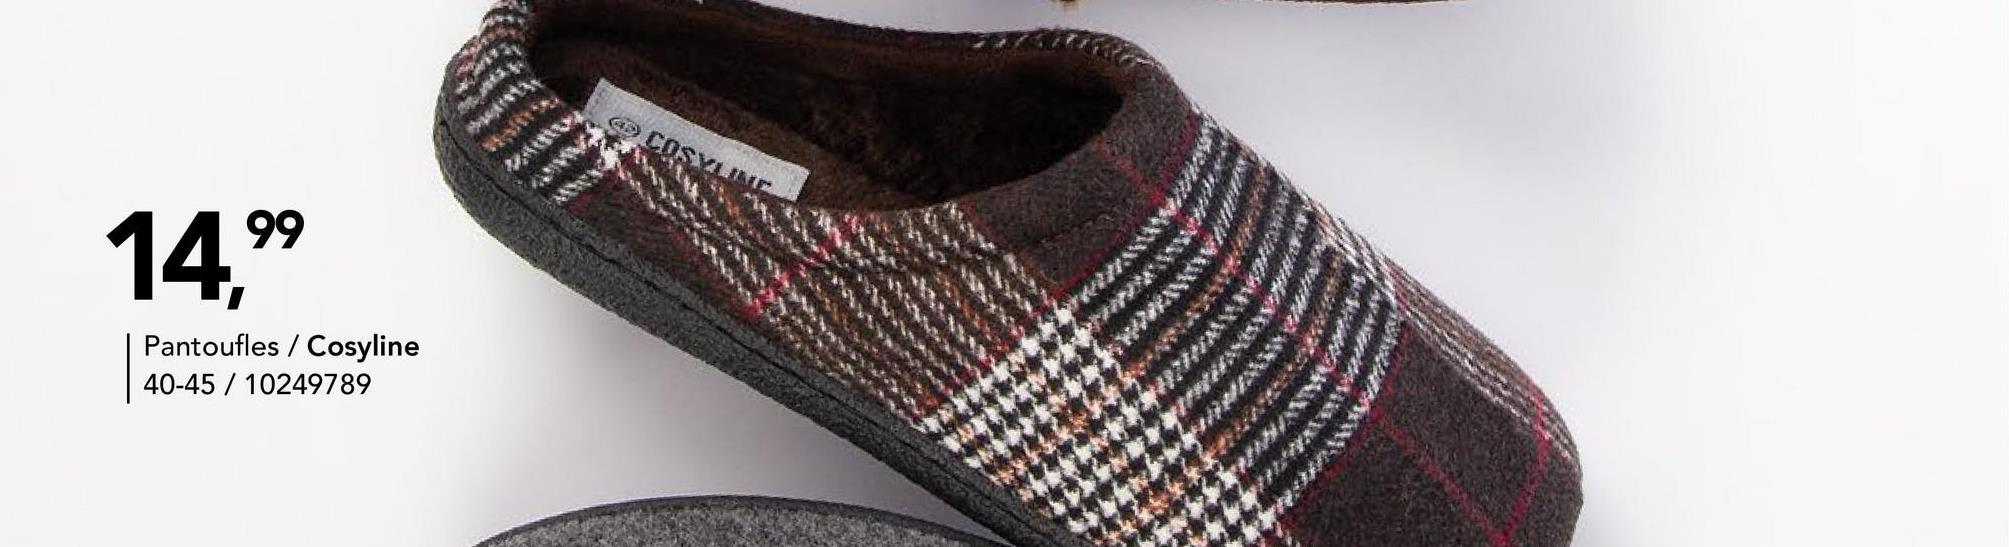 Pantoufle Cosy Line - Brun foncé Pantoufle Cosy Line. Chez Bristol, vous achetez de la mode à bon prix pour toute la famille ! Vêtements, chaussures, accessoires et articles de sport.